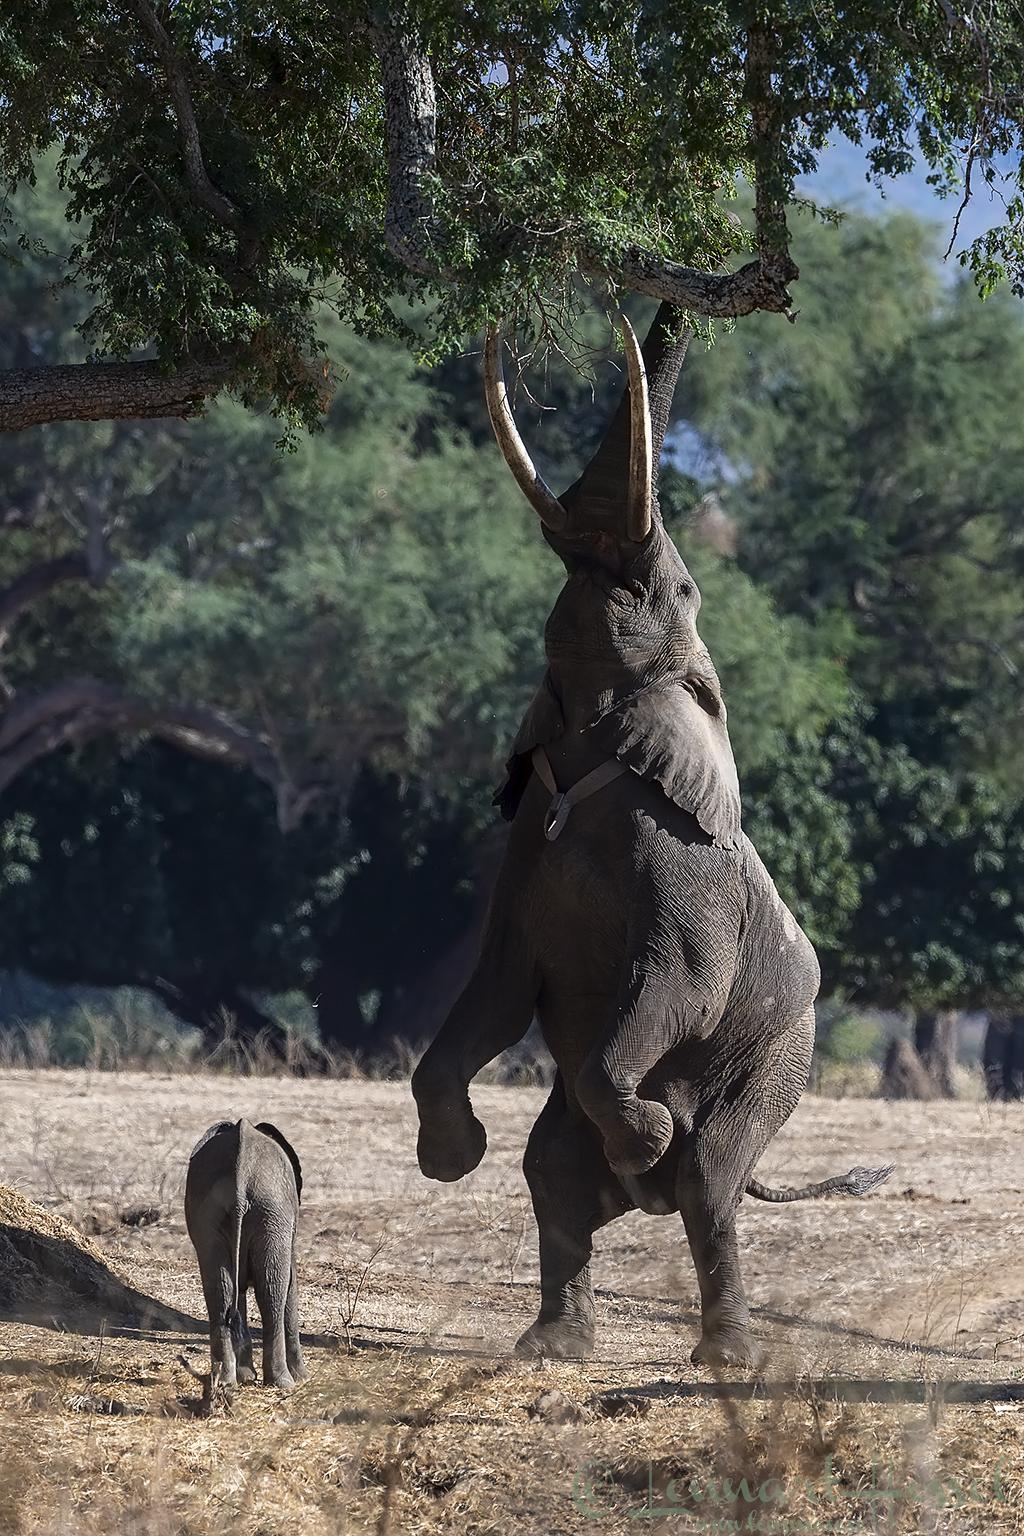 Elephants seen on safari in Mana Pools